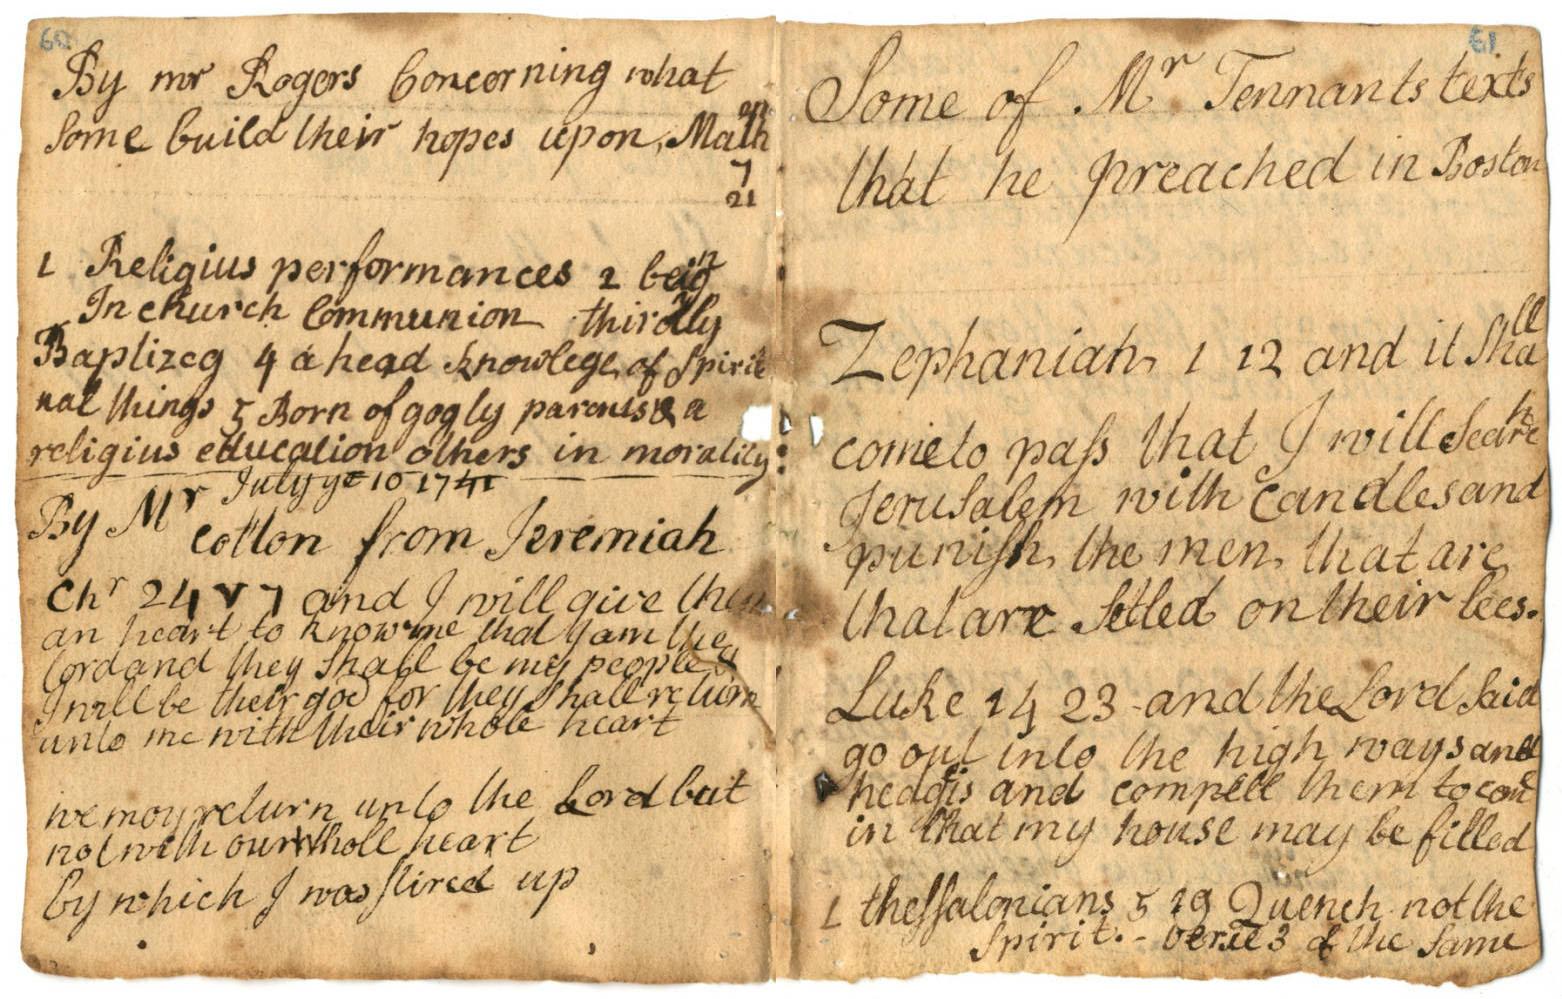 Image courtesy of the New England Historic Genealogical Society, Boston.